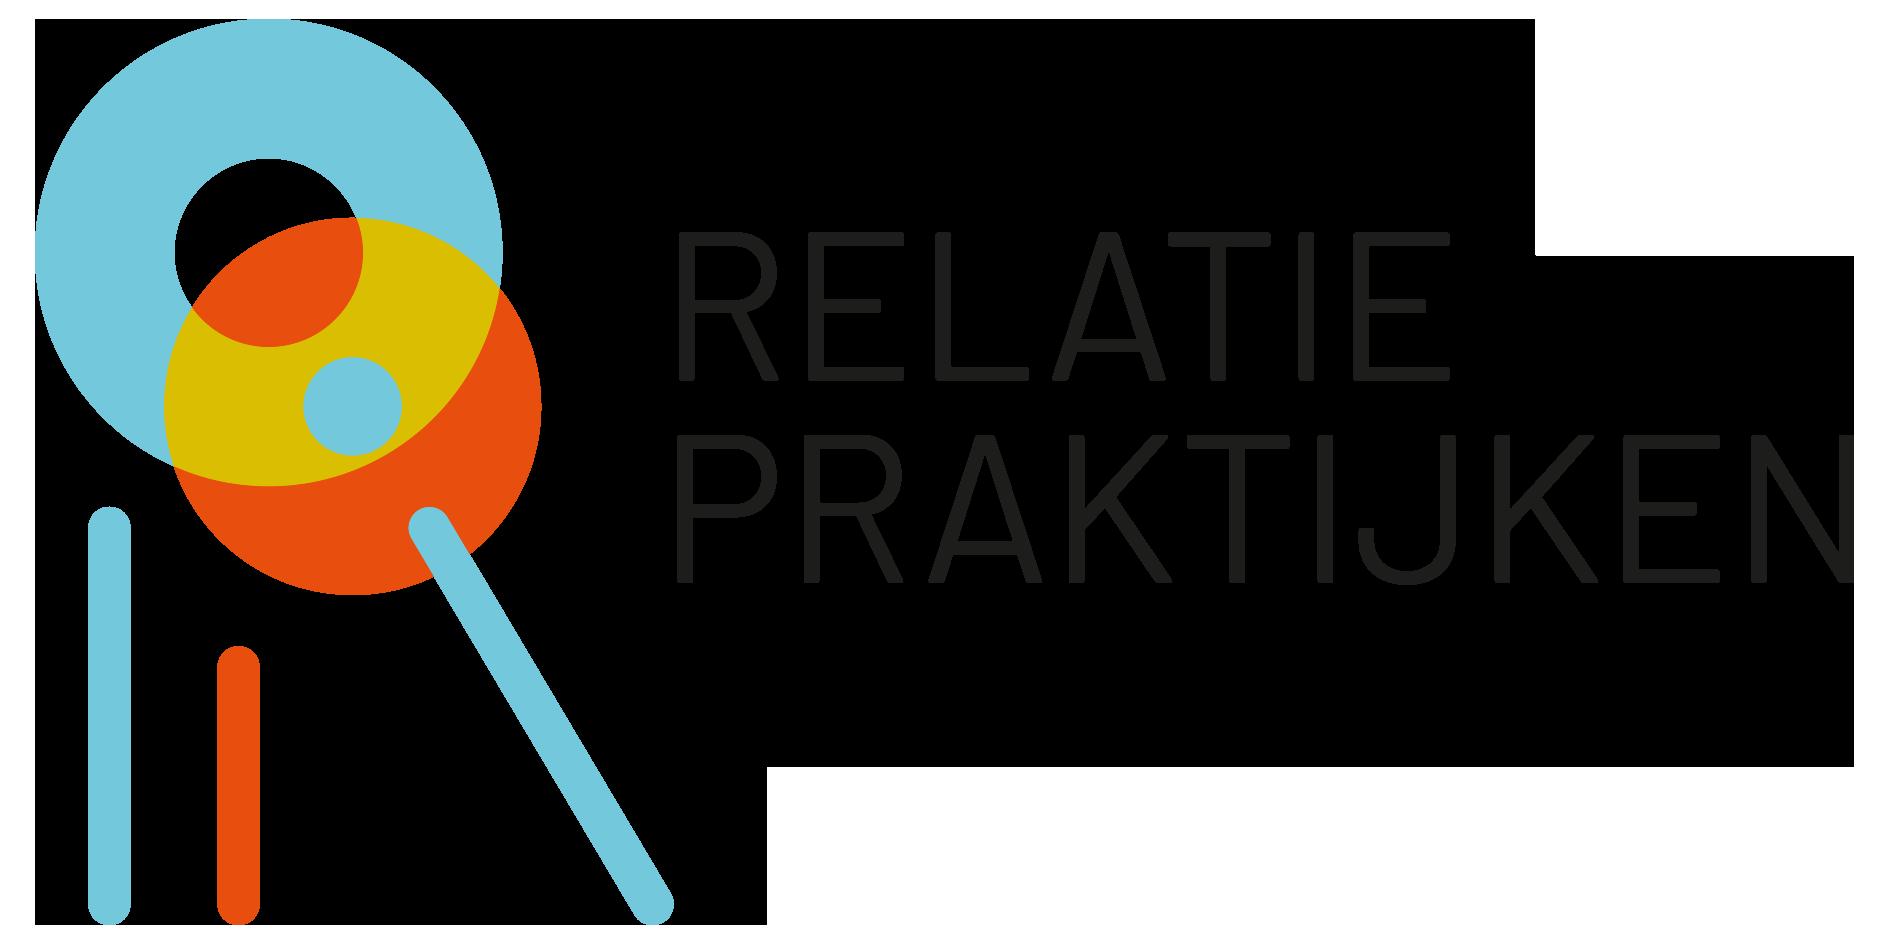 relatiepraktijken.nl